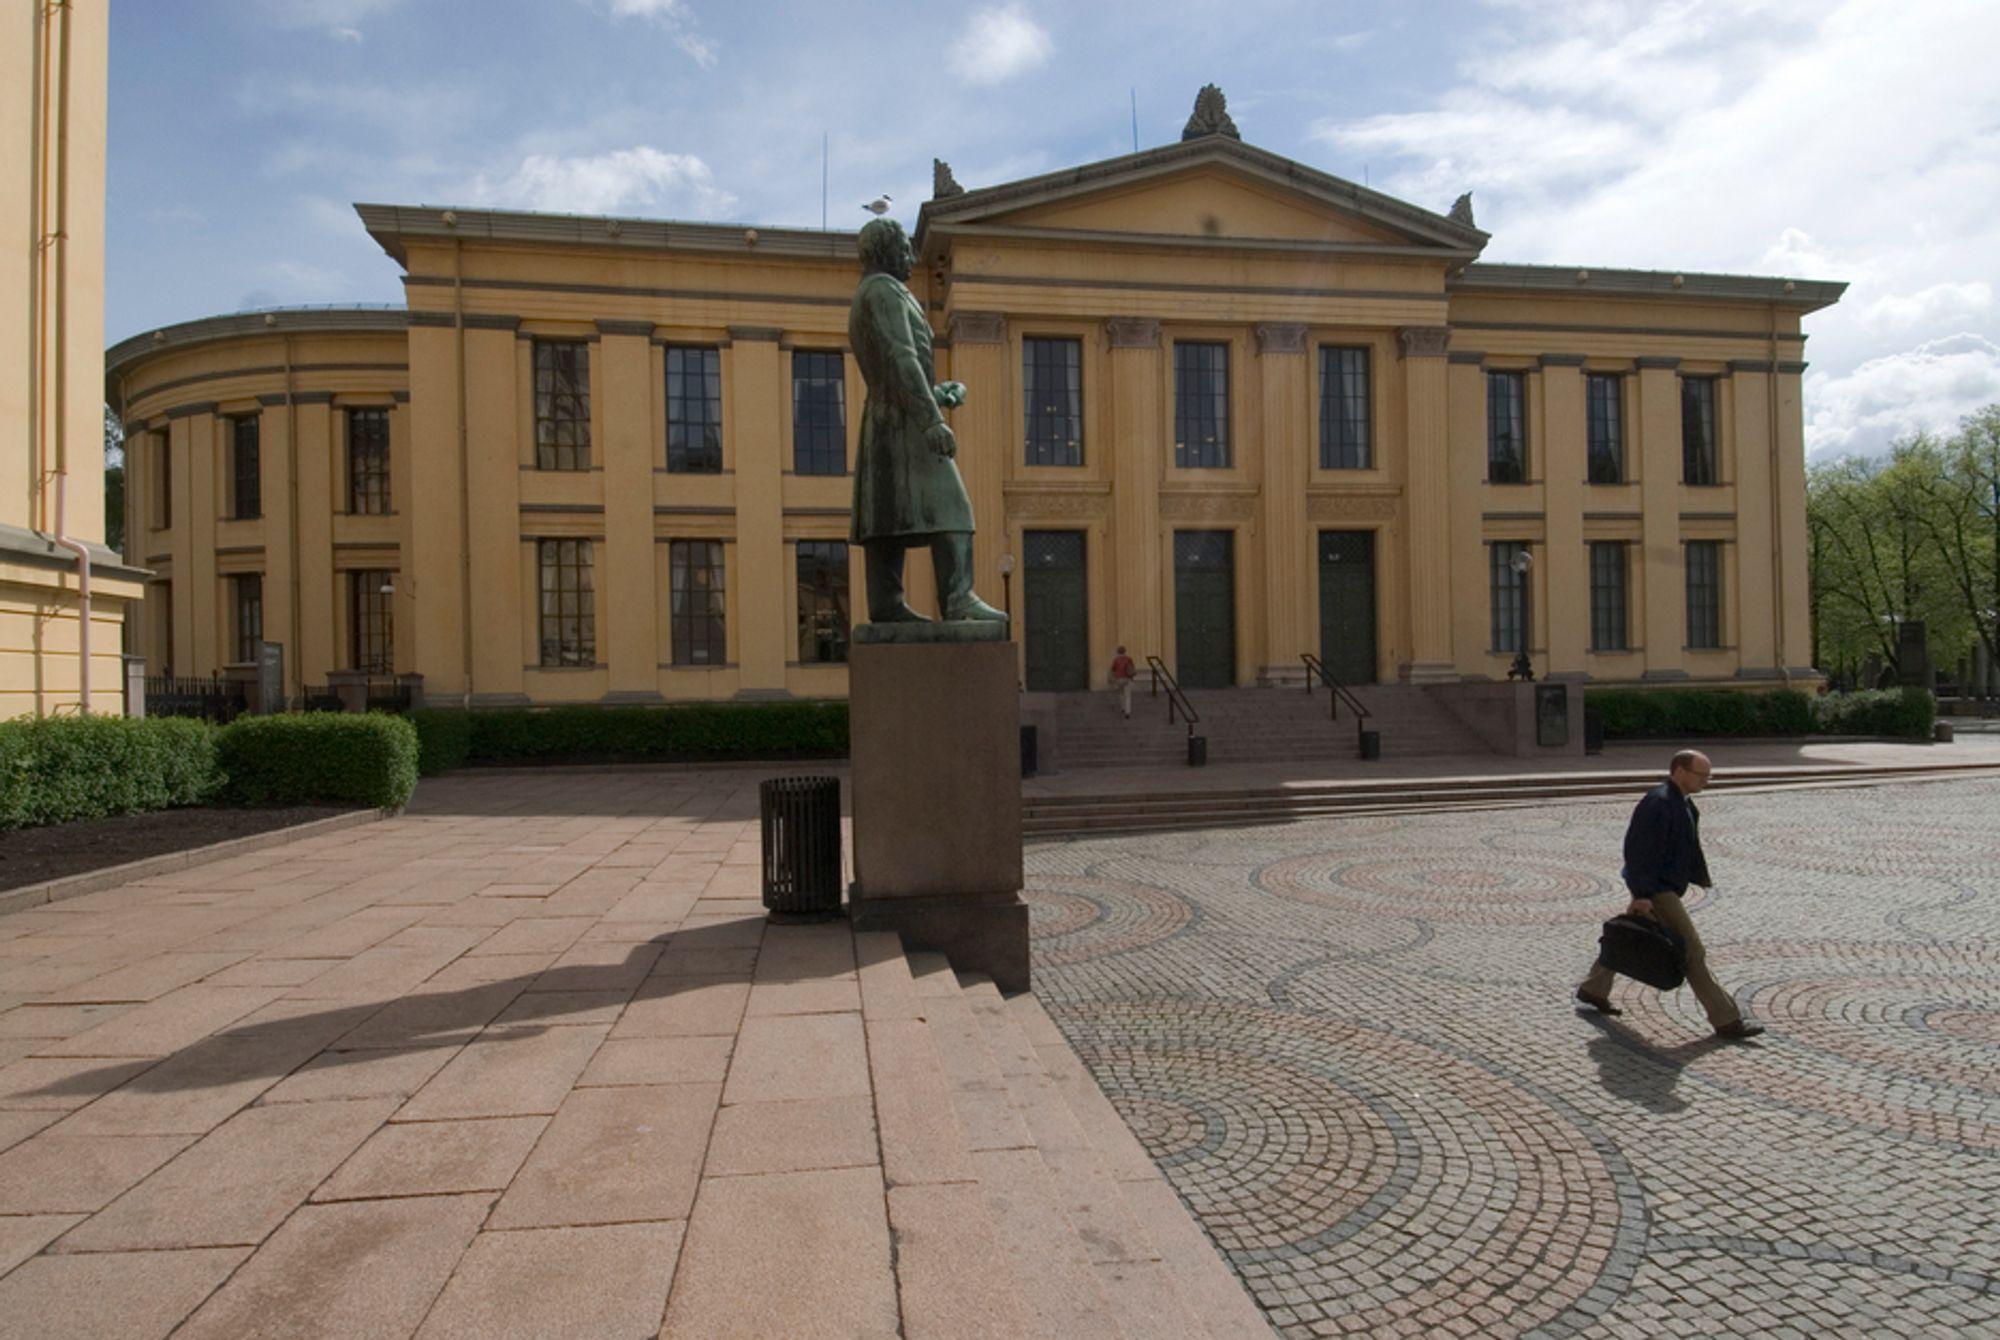 PRAKTFULL: Etter omfattende restaurering fremstår Domus Academica i dag like praktfull som da bygningen sto ferdig i 1852.FOTO: KNUT STRØM